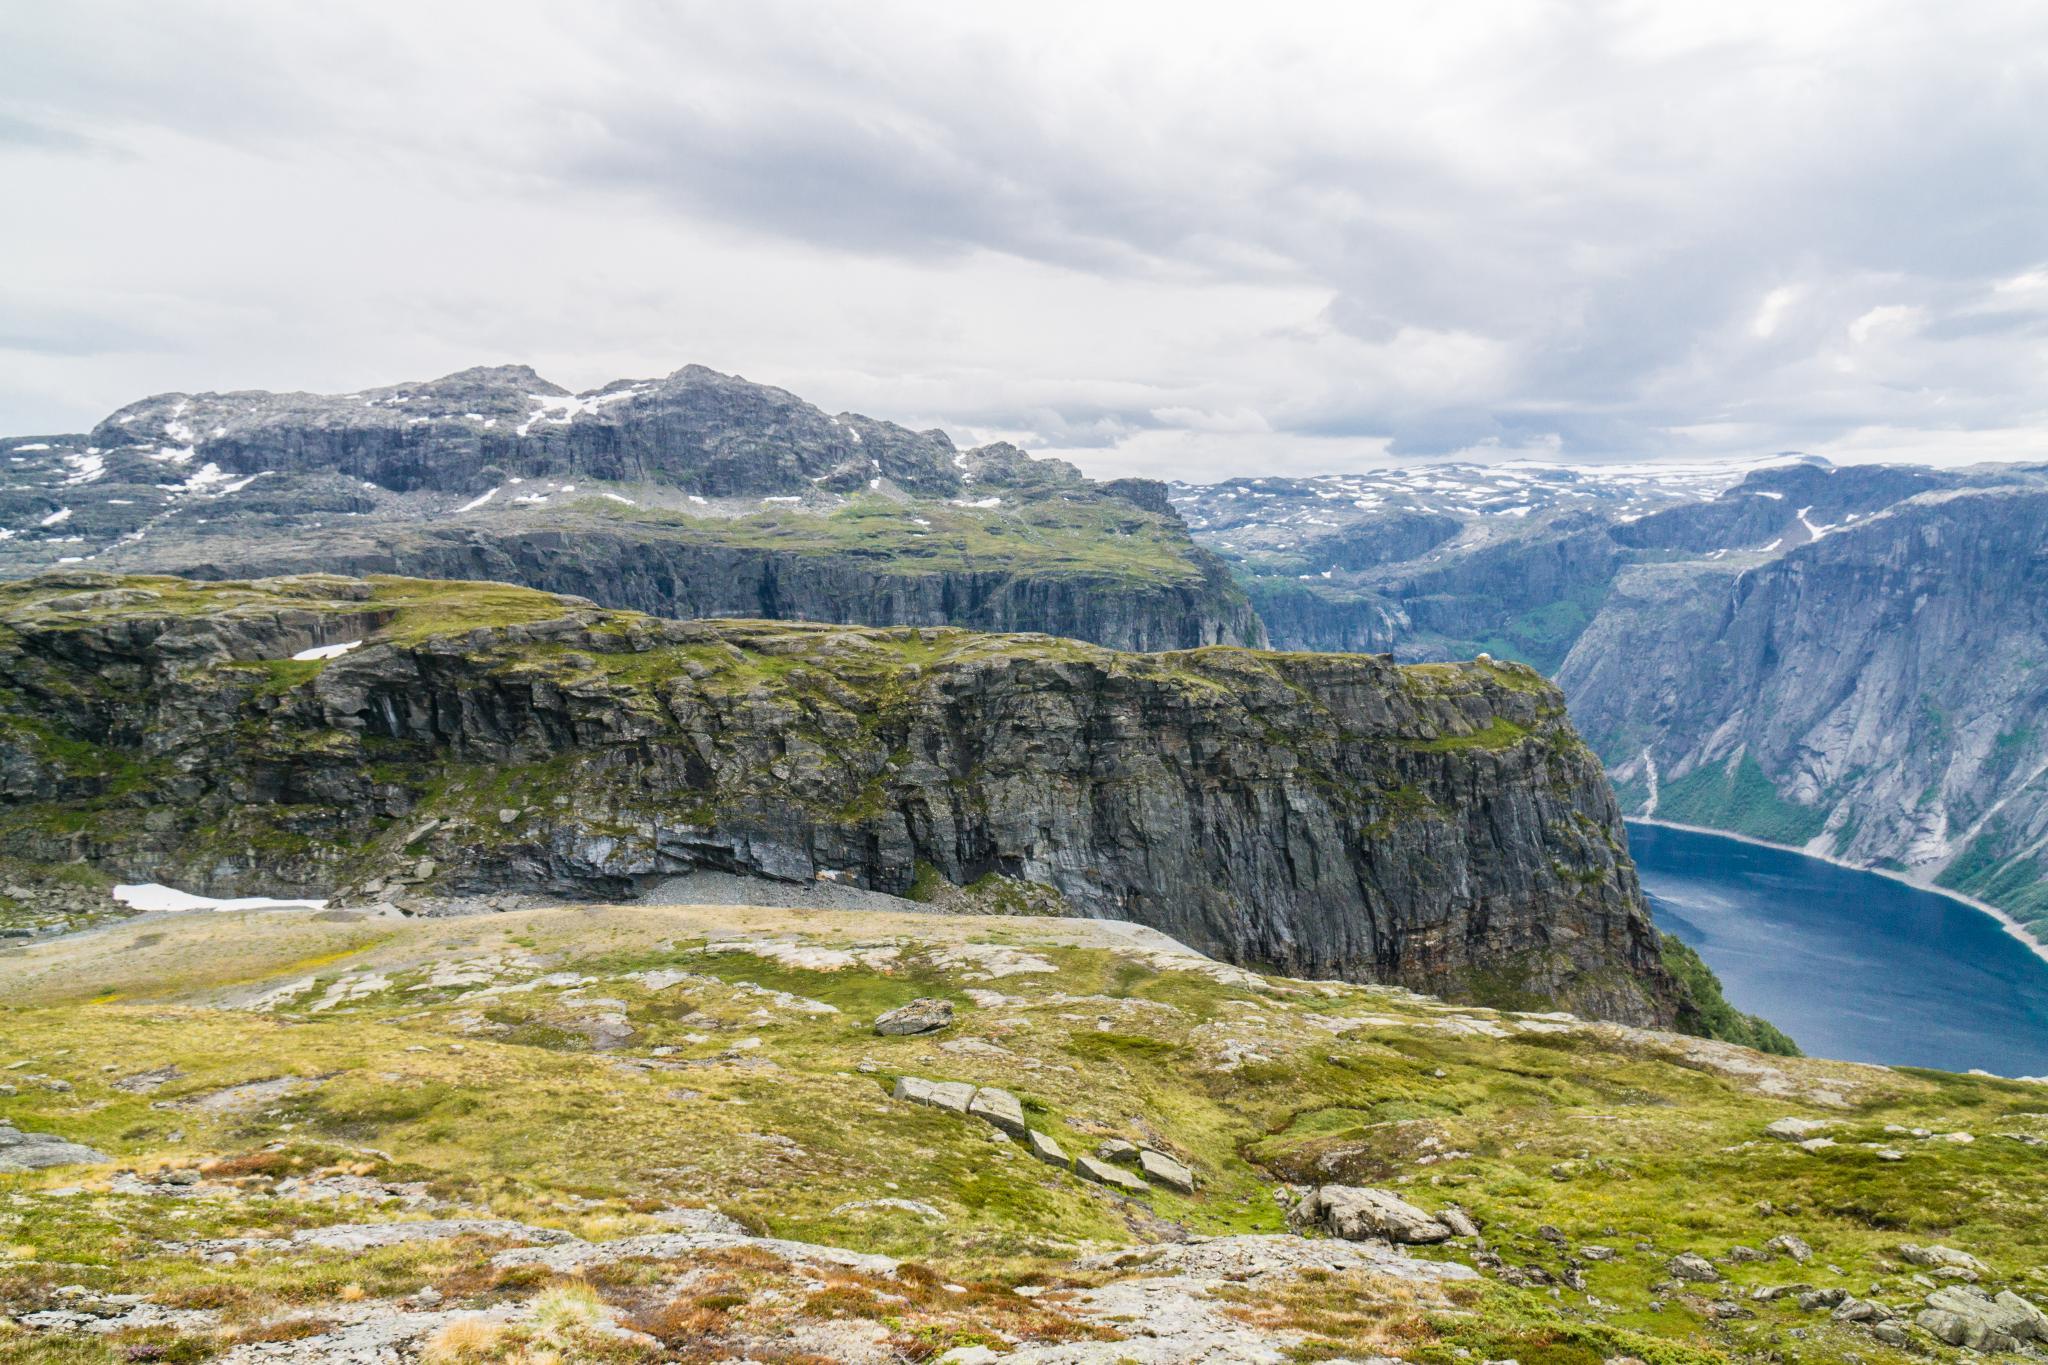 【北歐景點】挪威惡魔之舌 Trolltunga — 28公里健行挑戰全攻略 217